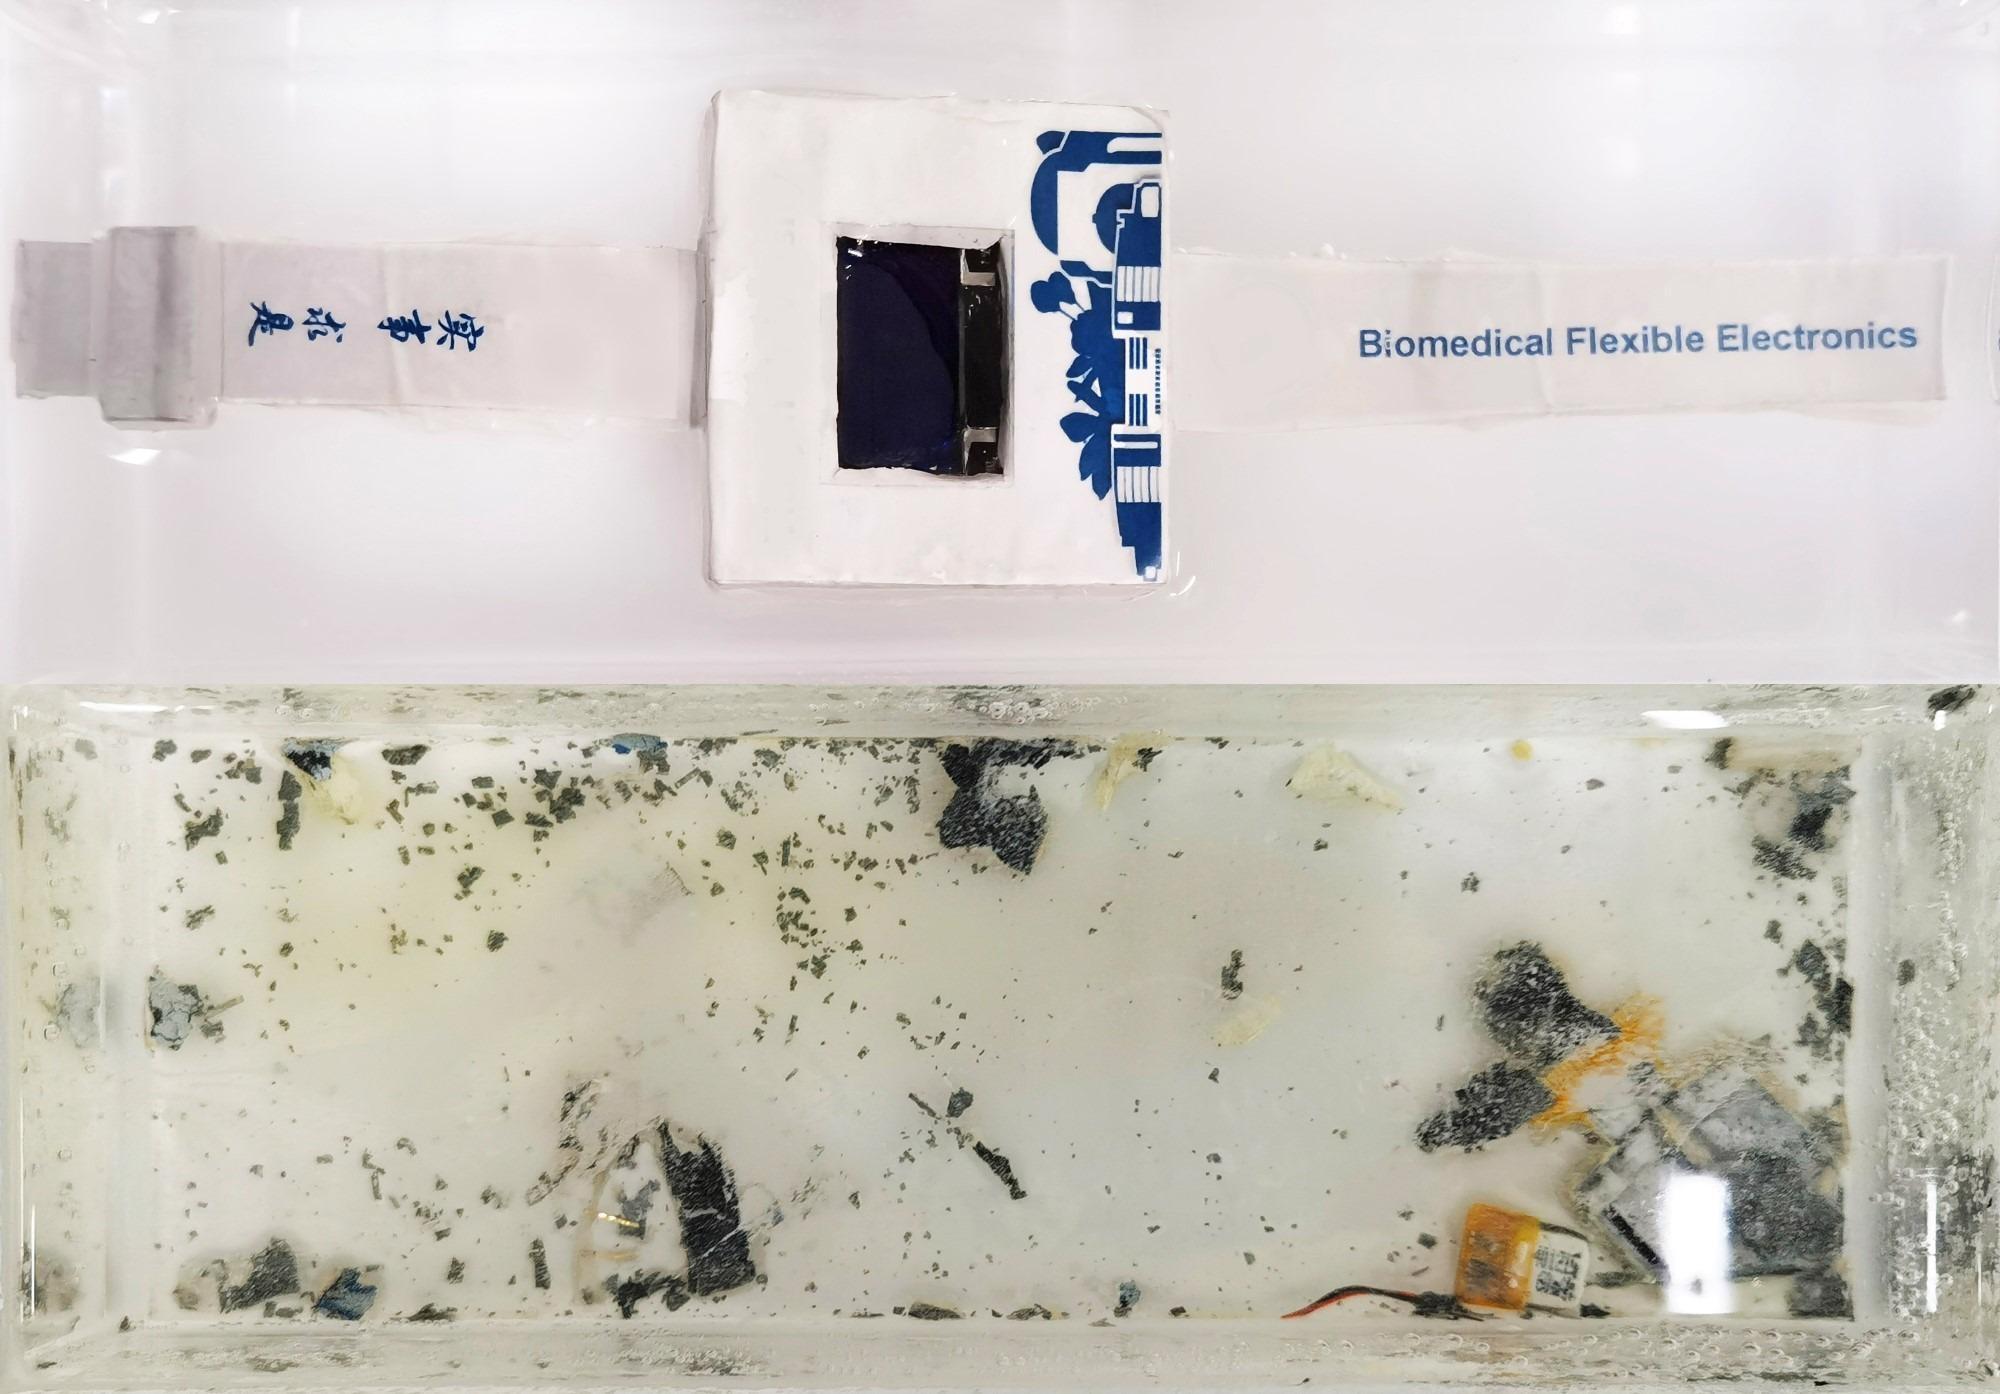 Researchers Develop Dissolvable Electronics to Combat E-Waste Menace.